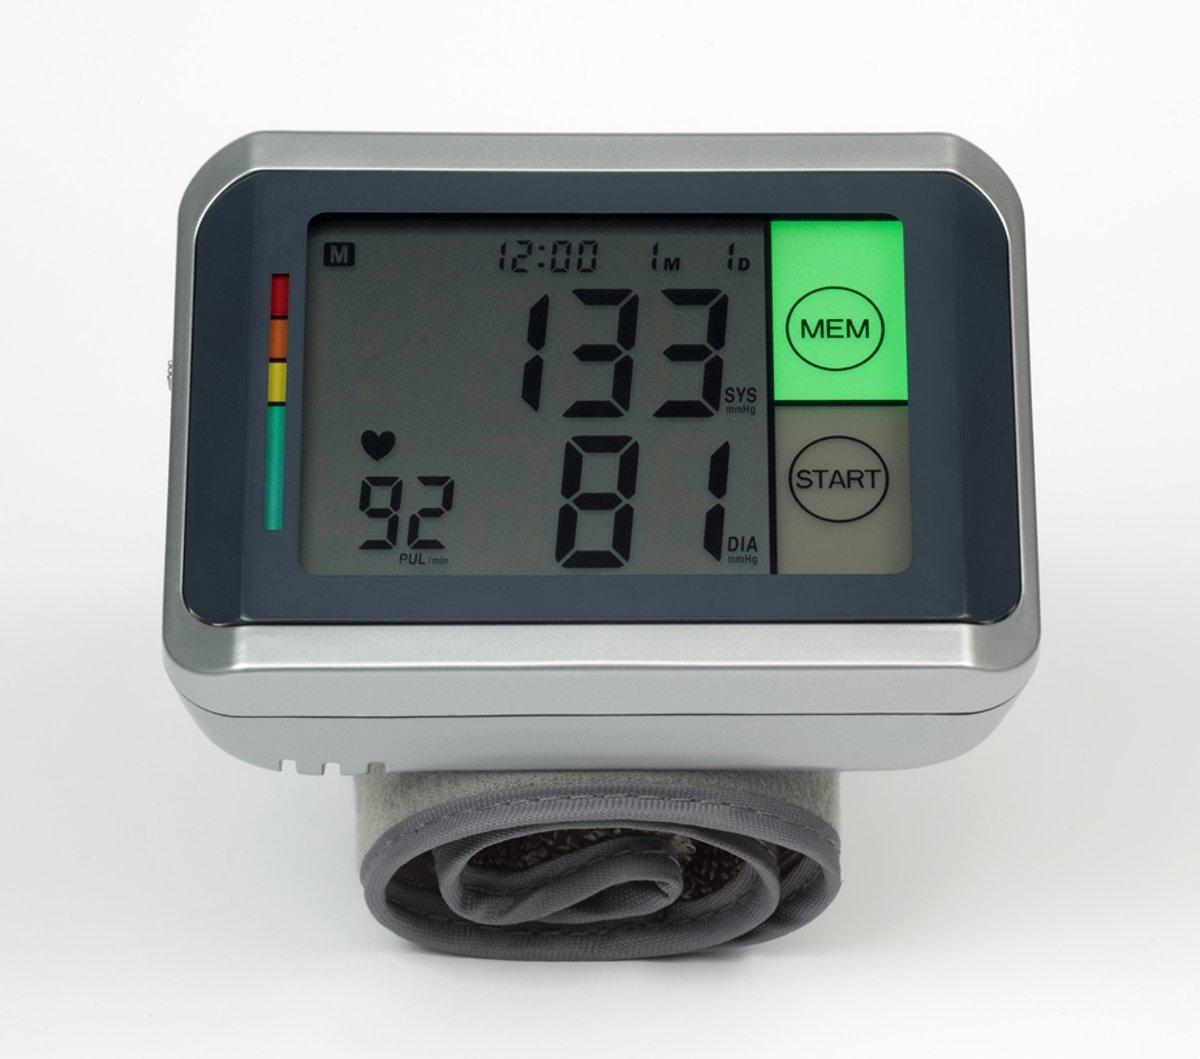 OBBOmed - Hart en Bloeddrukmeter - met groot digitaal scherm - incl. geheugen - MM 4770